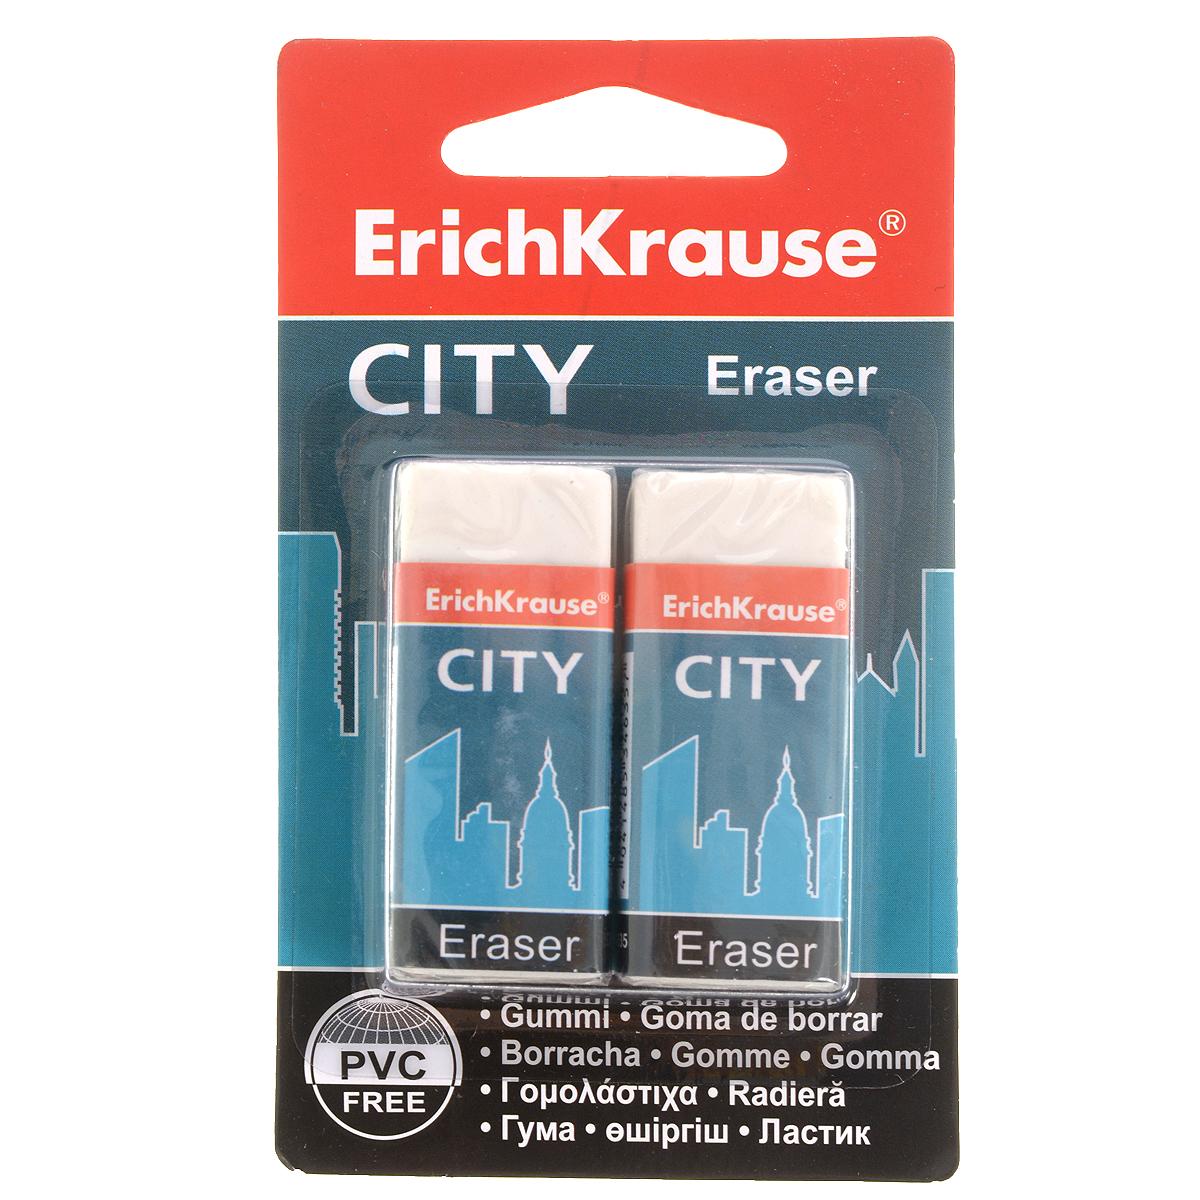 Набор ластиков Erich Krause City, 2 шт набор ластиков milan 2 шт 2 320 30bl2320 10042